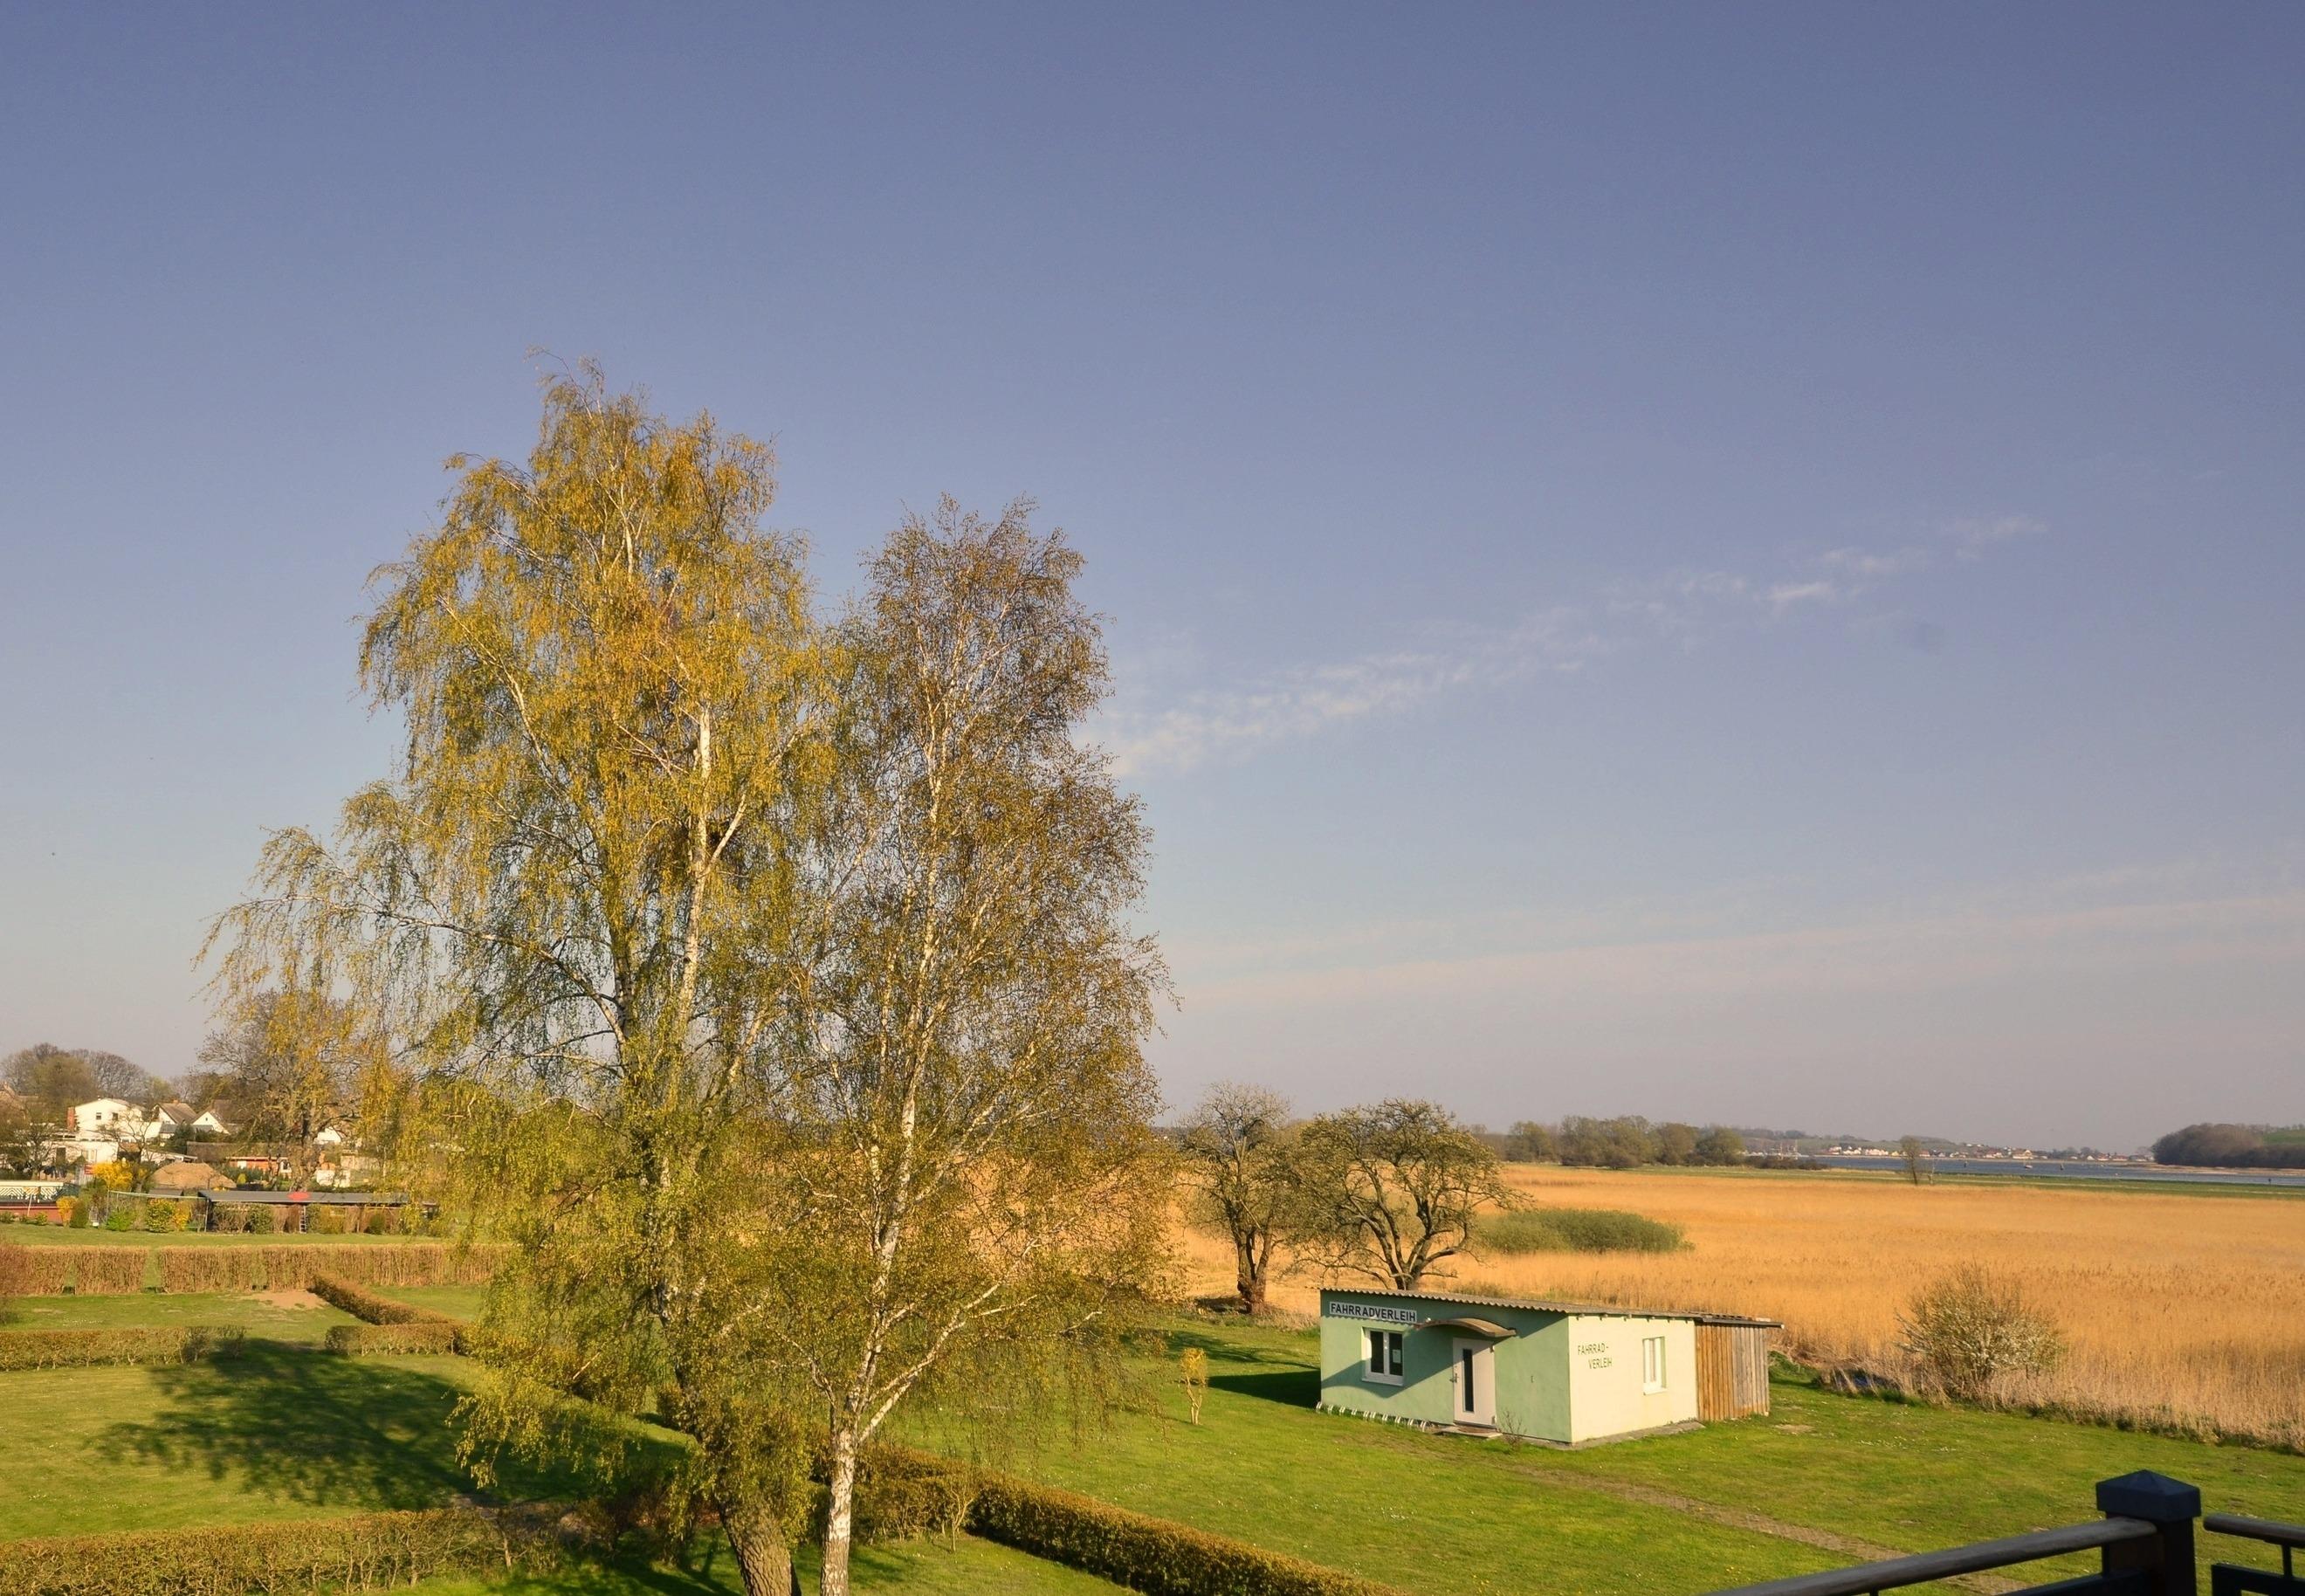 Ferienwohnung Sylt (1710571), Groß Zicker, Rügen, Mecklenburg-Vorpommern, Deutschland, Bild 22